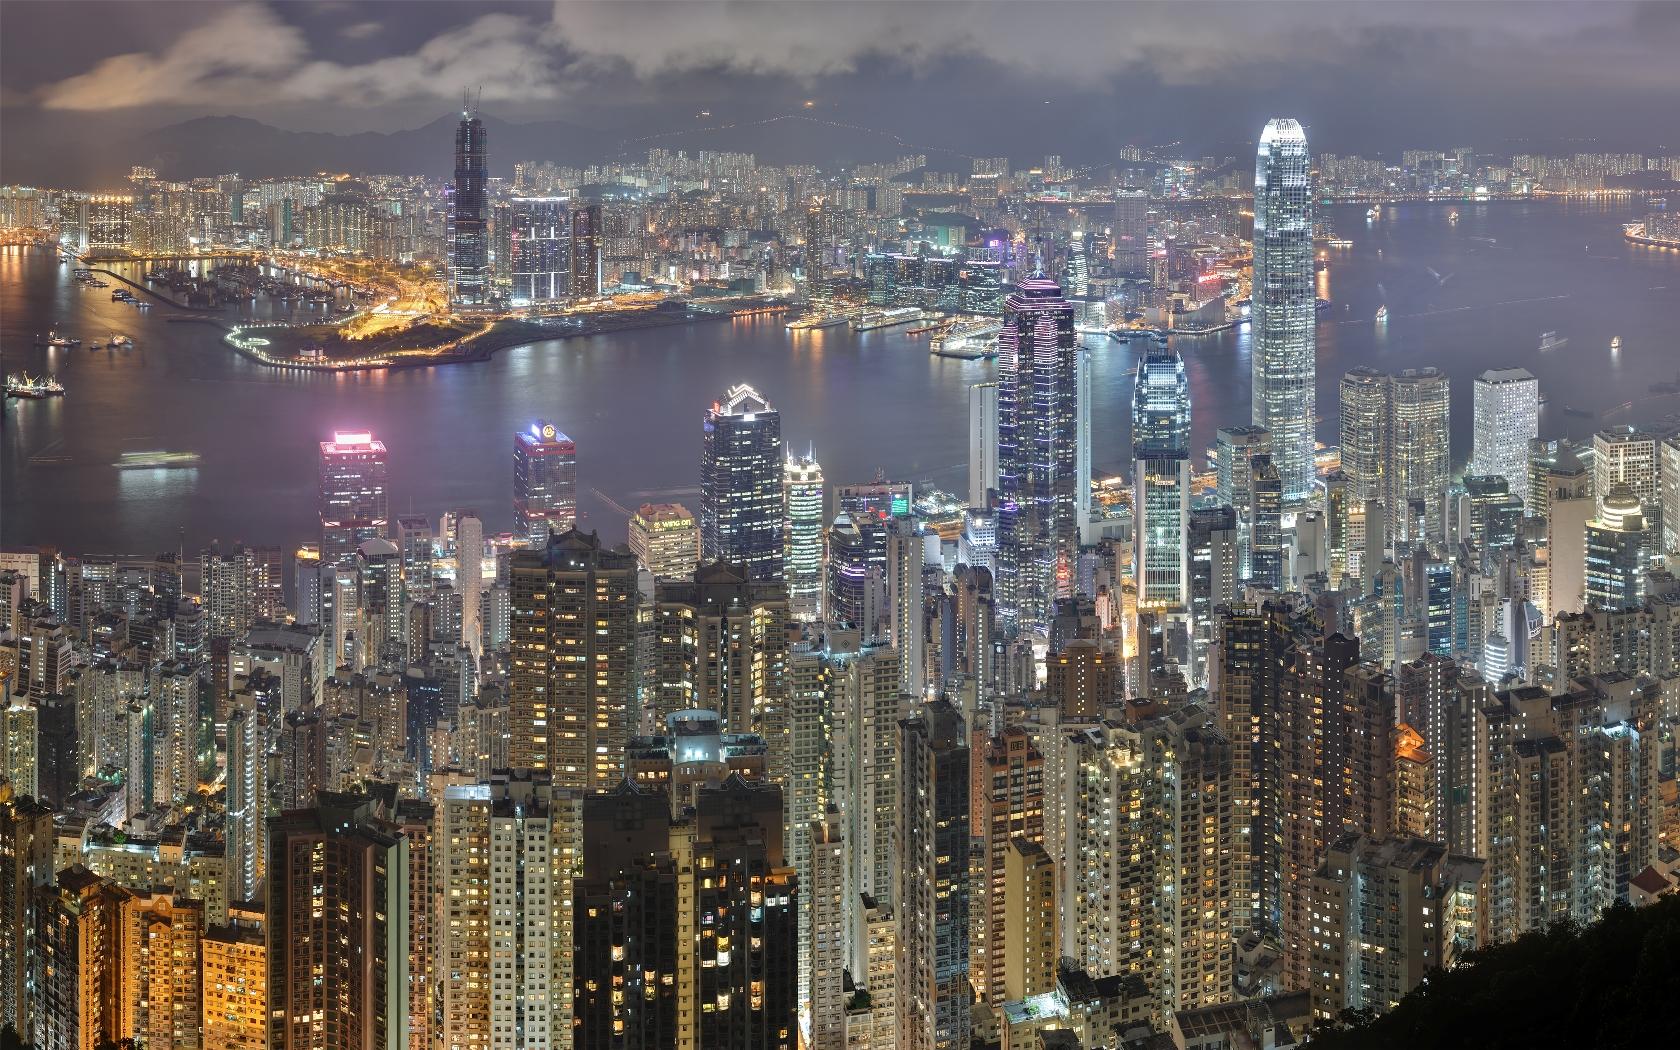 هونج كونج تحقق أعلى 10 تصنيفات في تقرير ميجاهوبس 2019